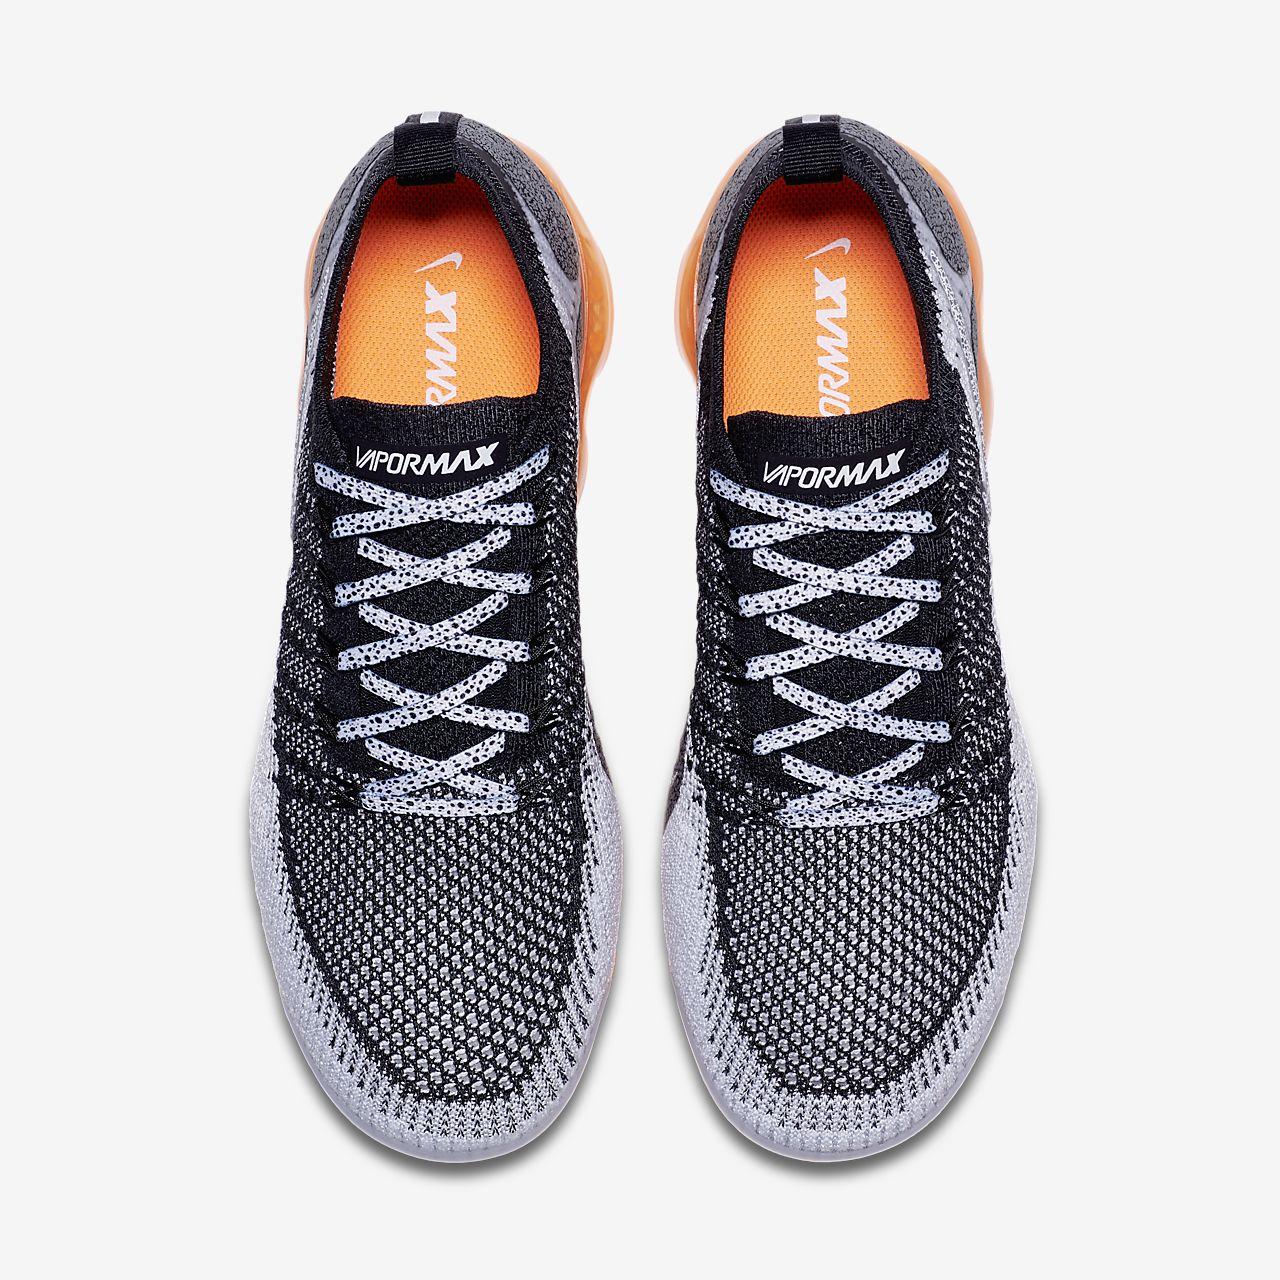 7f7e84b9a5d4d1 Nike Air VaporMax Flyknit 2 Safari Shoe. Nike.com PT